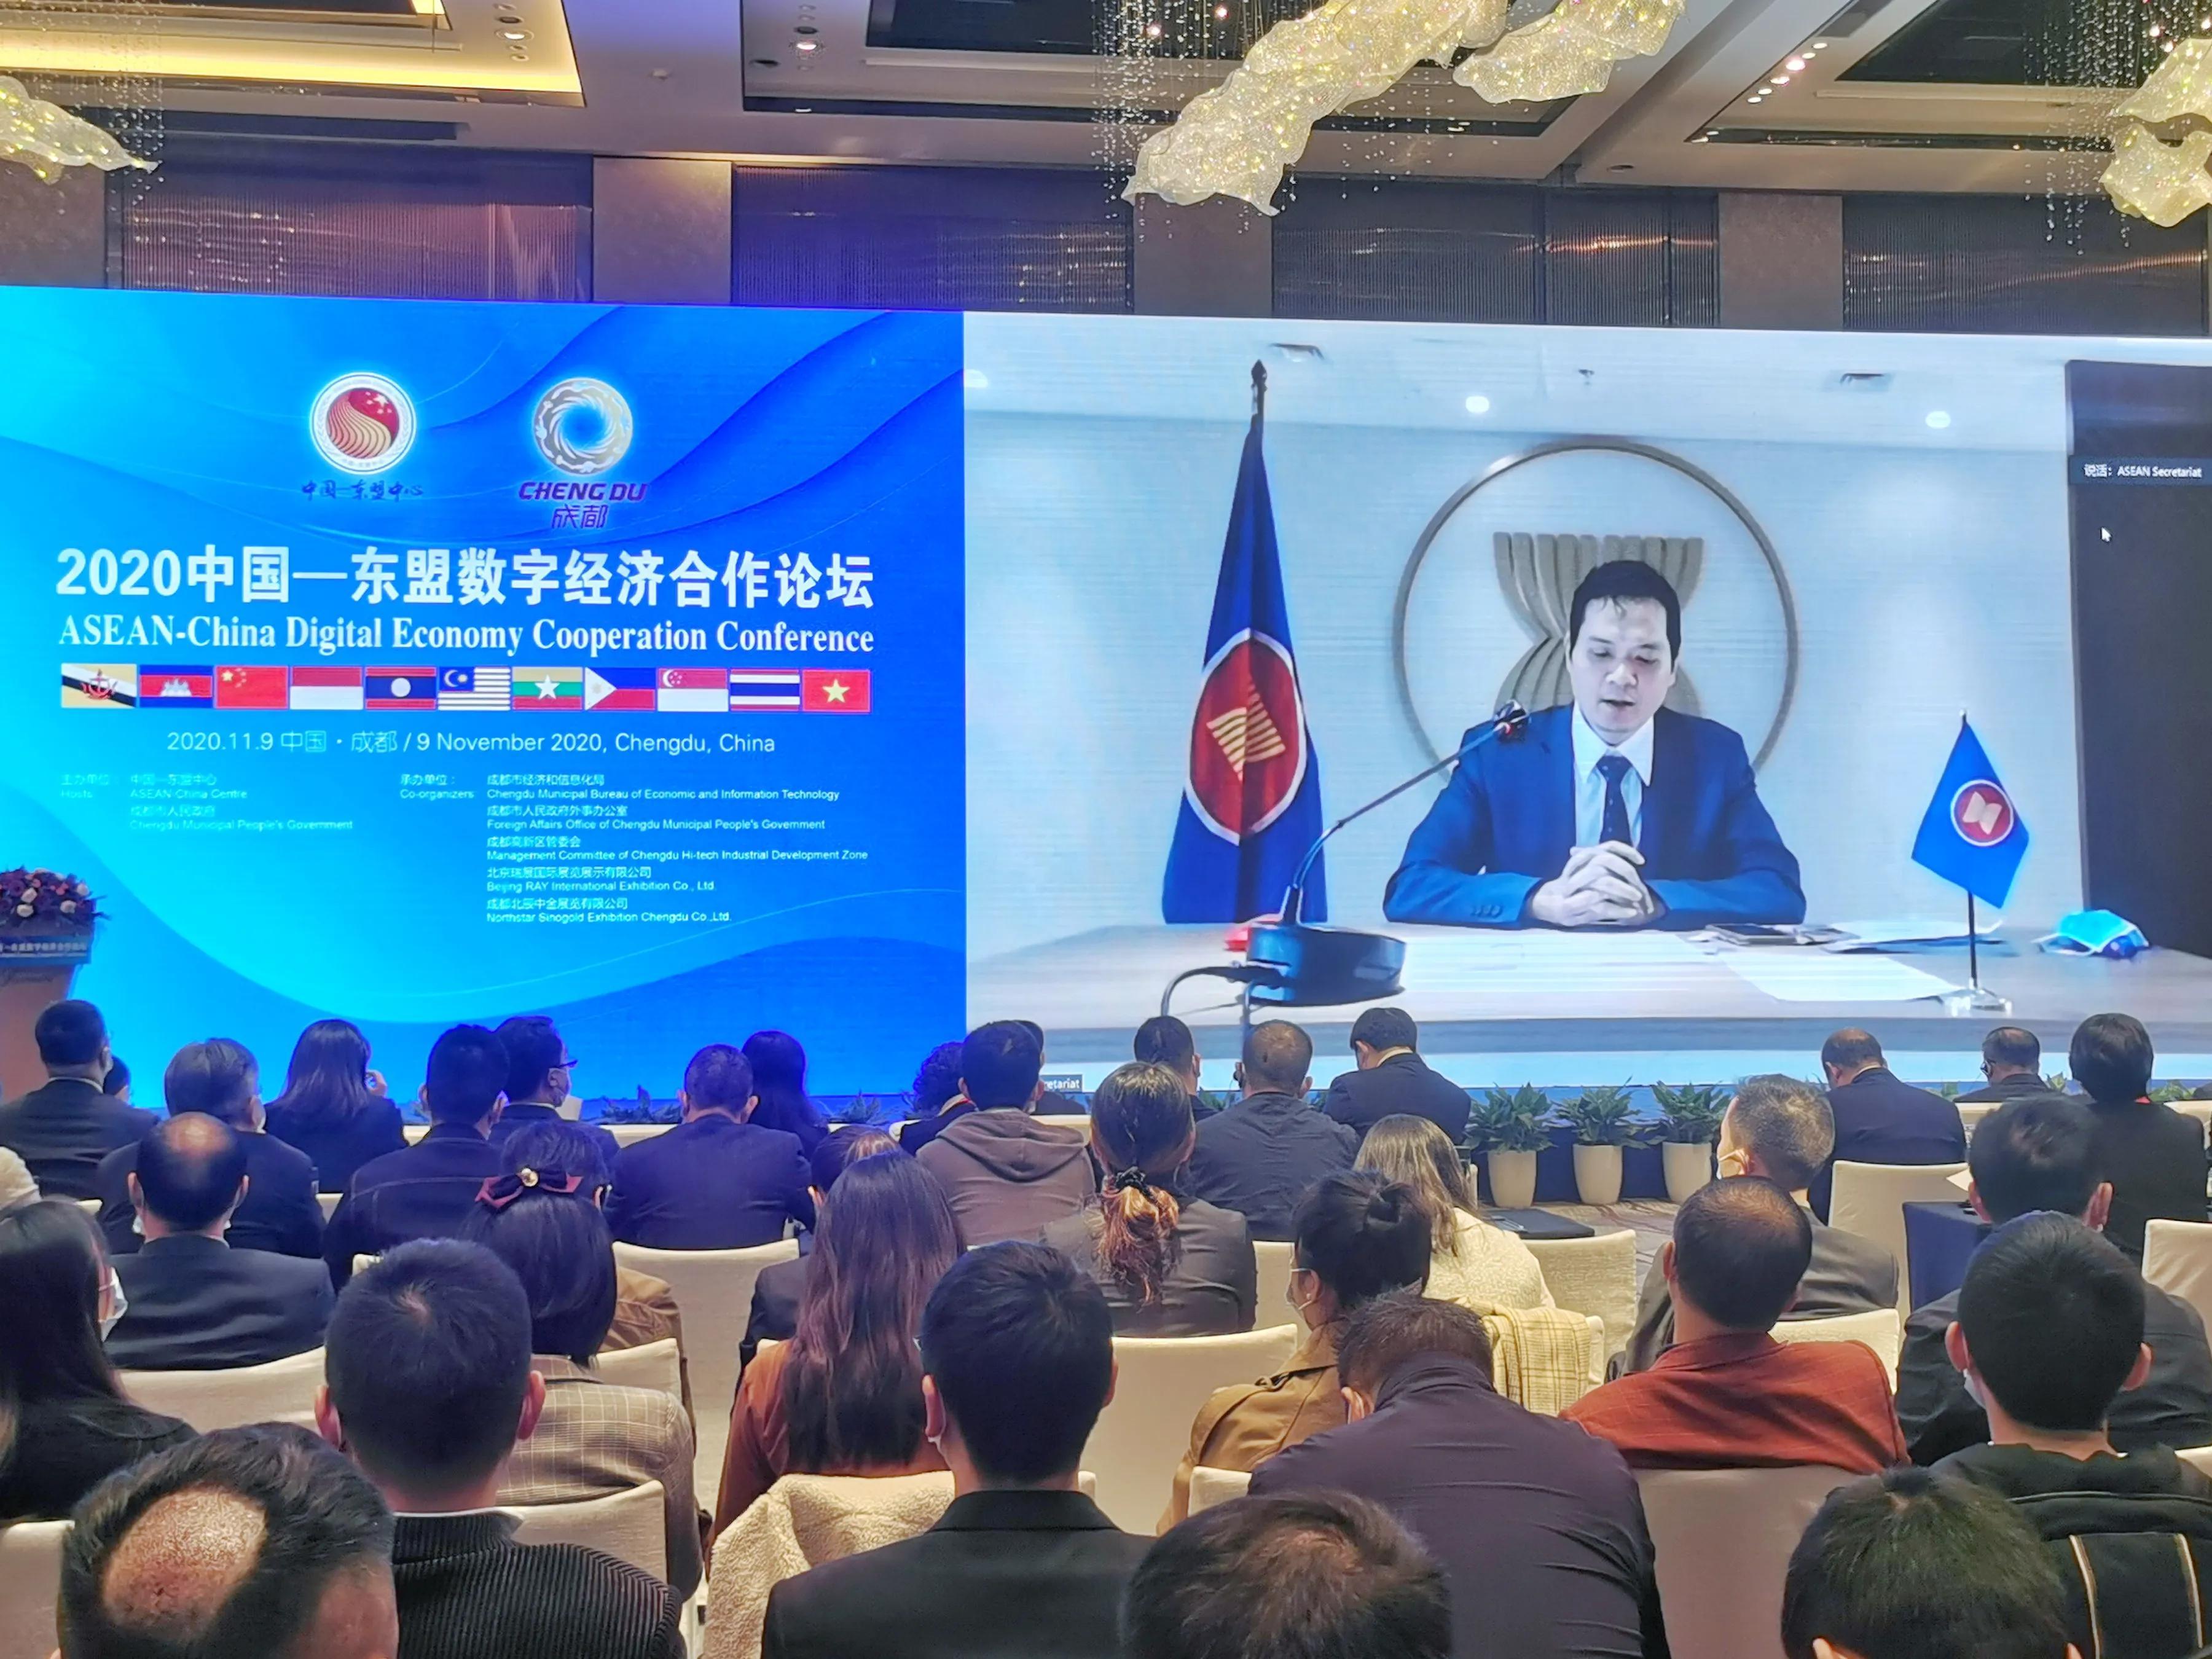 成都高新区这场会议很抢眼:中国东盟数字经济合作论坛